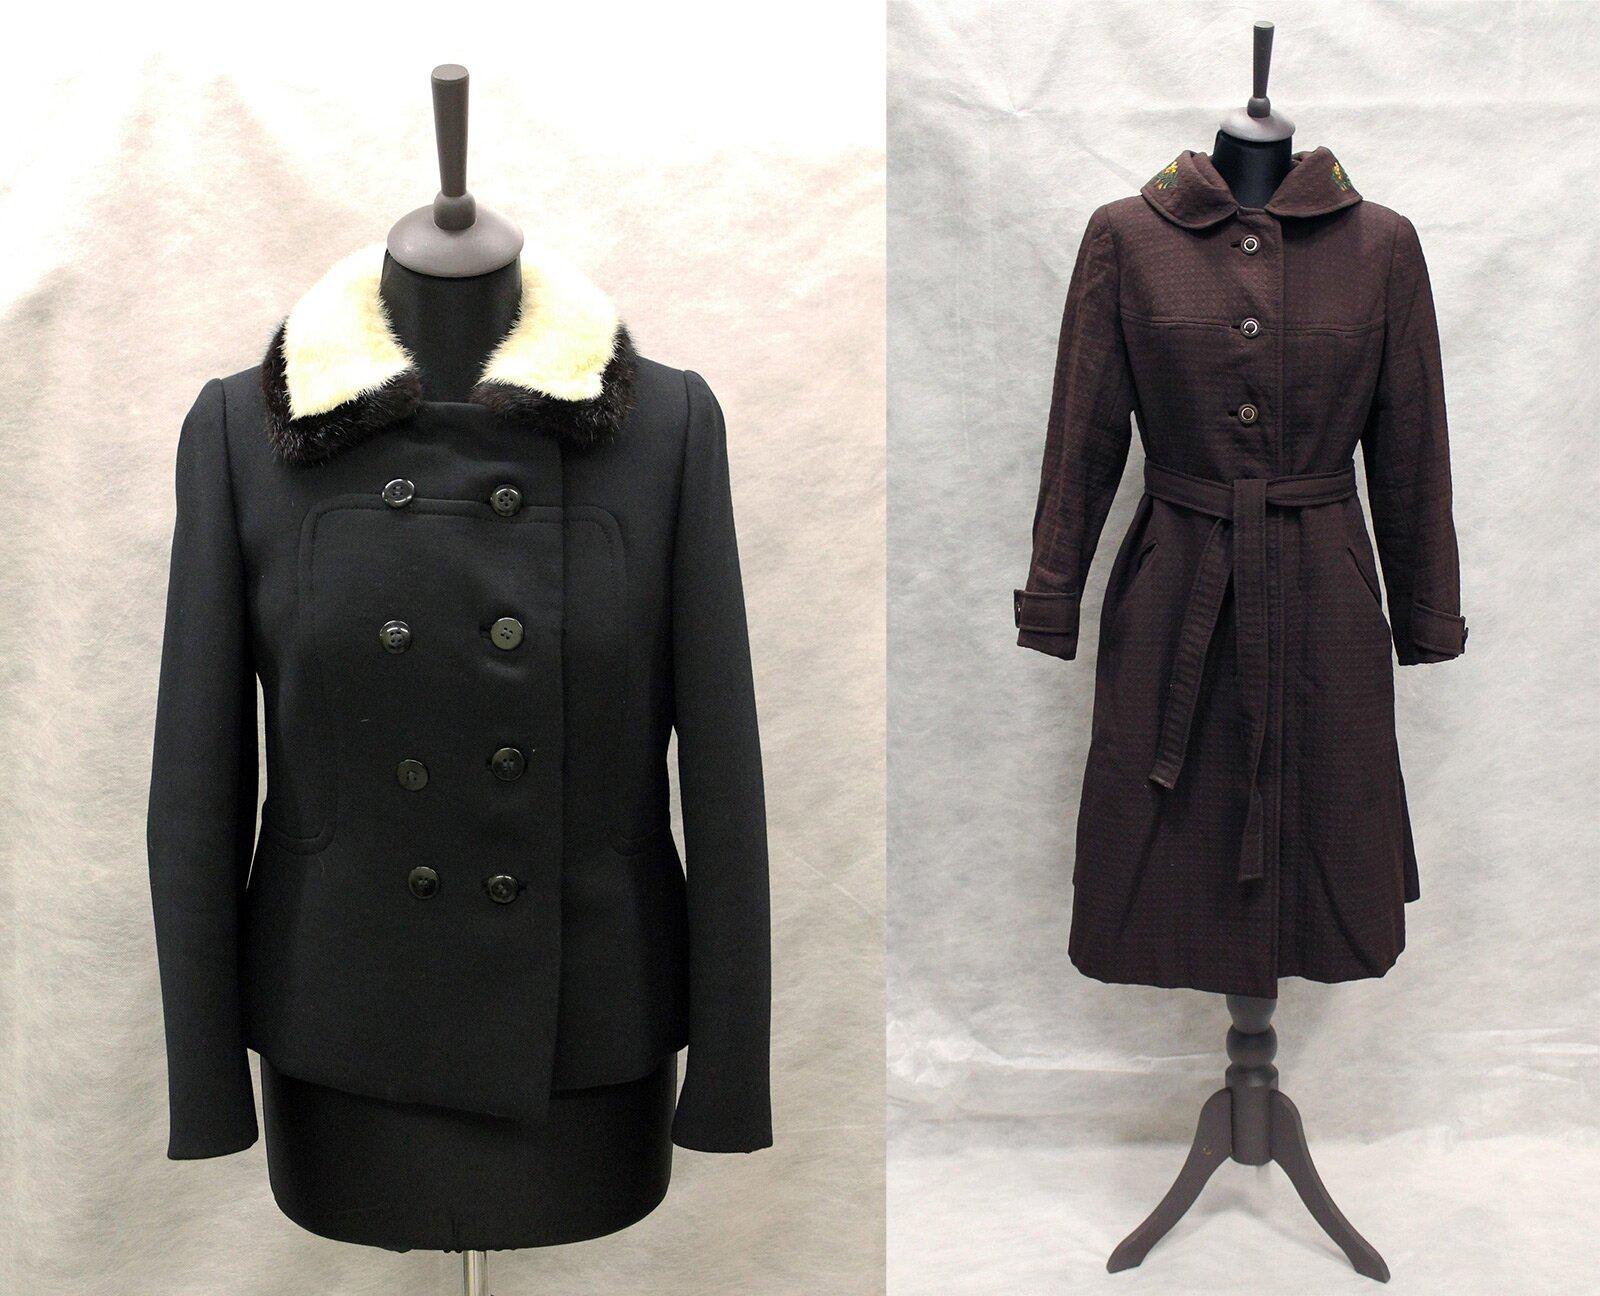 Жакет с воротником из искусственного меха (слева). Пальто с капюшоном (справа). Музей моды